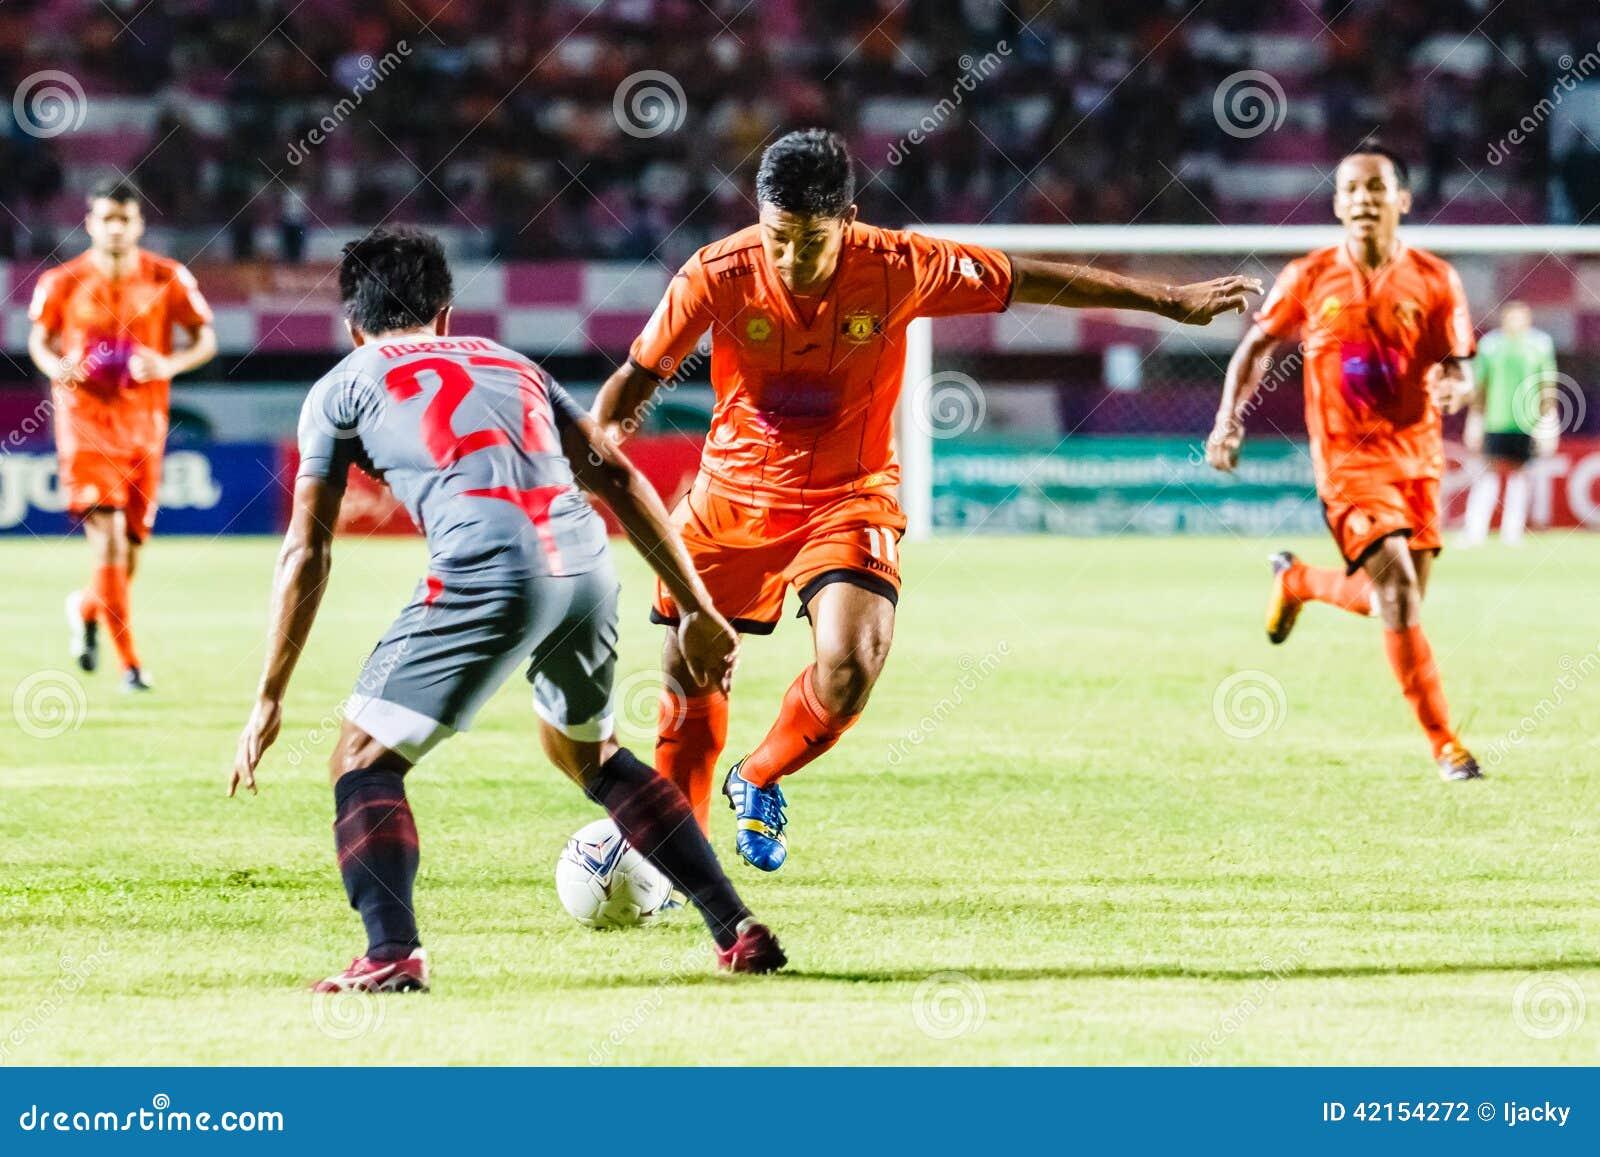 SISAKET THAILAND-JUNE 29: Eakkapan Nuikhao of Sisaket FC.